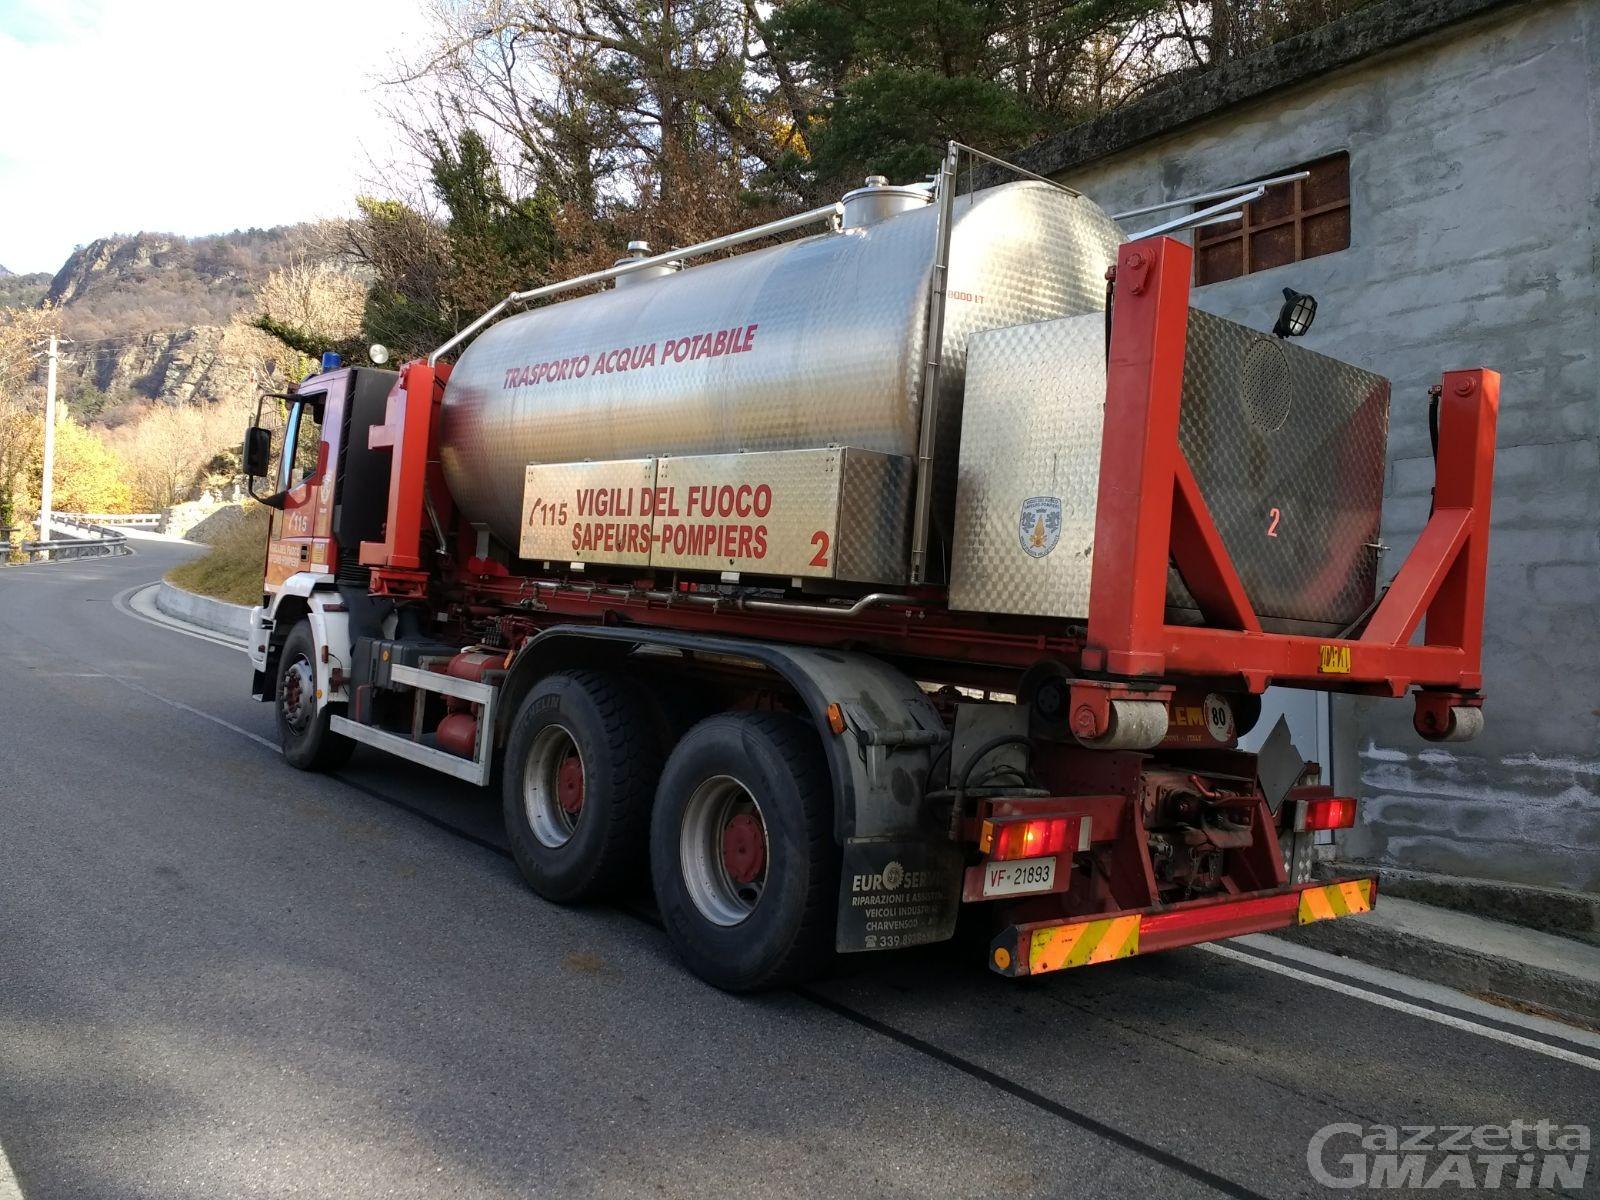 Siccità: autobotte con acqua potabile per Montjovet